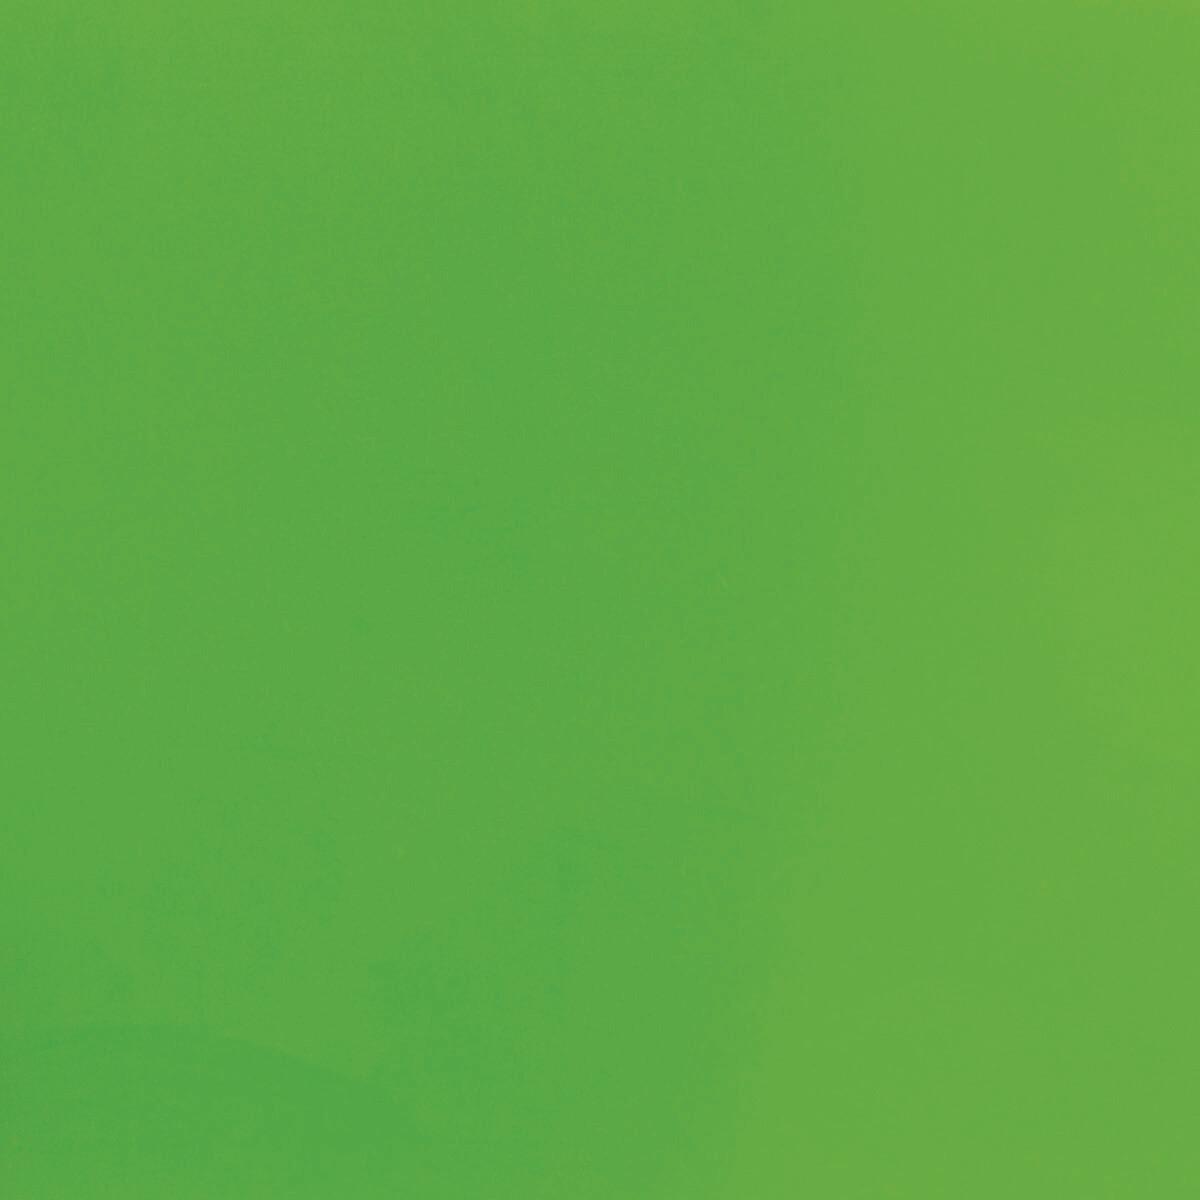 Apple Green Hotmark Revolution HTV - Large Roll